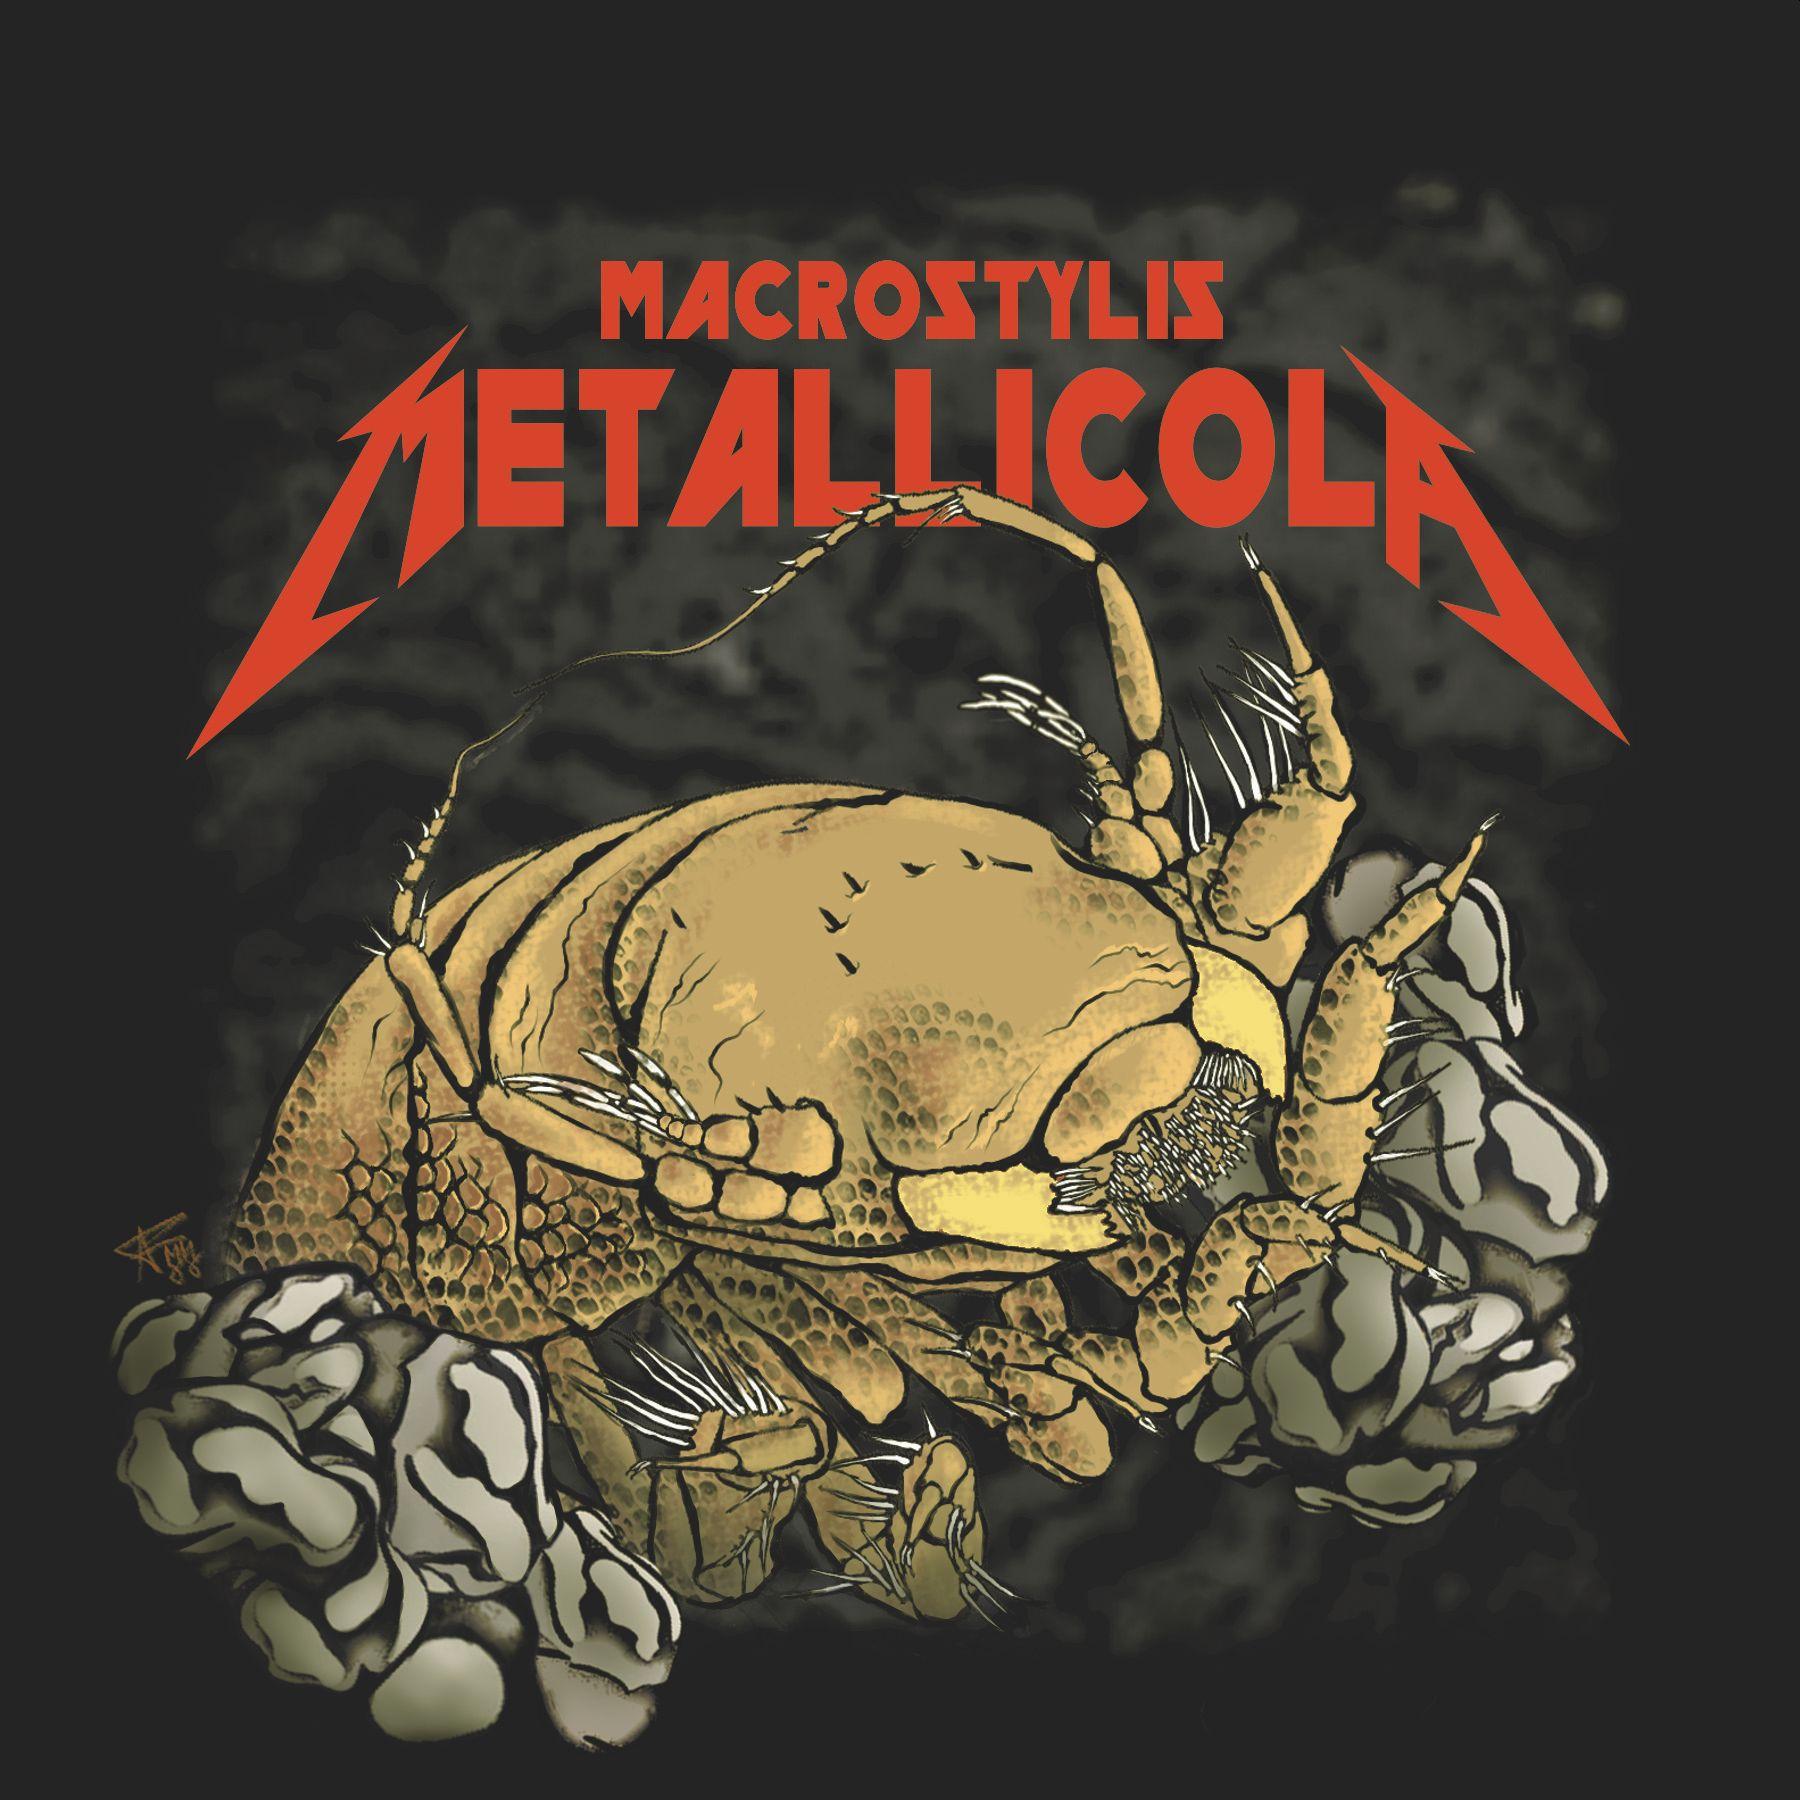 eine Zeichnung einer Tiefsee-Assel im Comic-Stil, die nach der Band Metallica bennat wurde, mit einem roten Schriftzug im Metallica-Stil